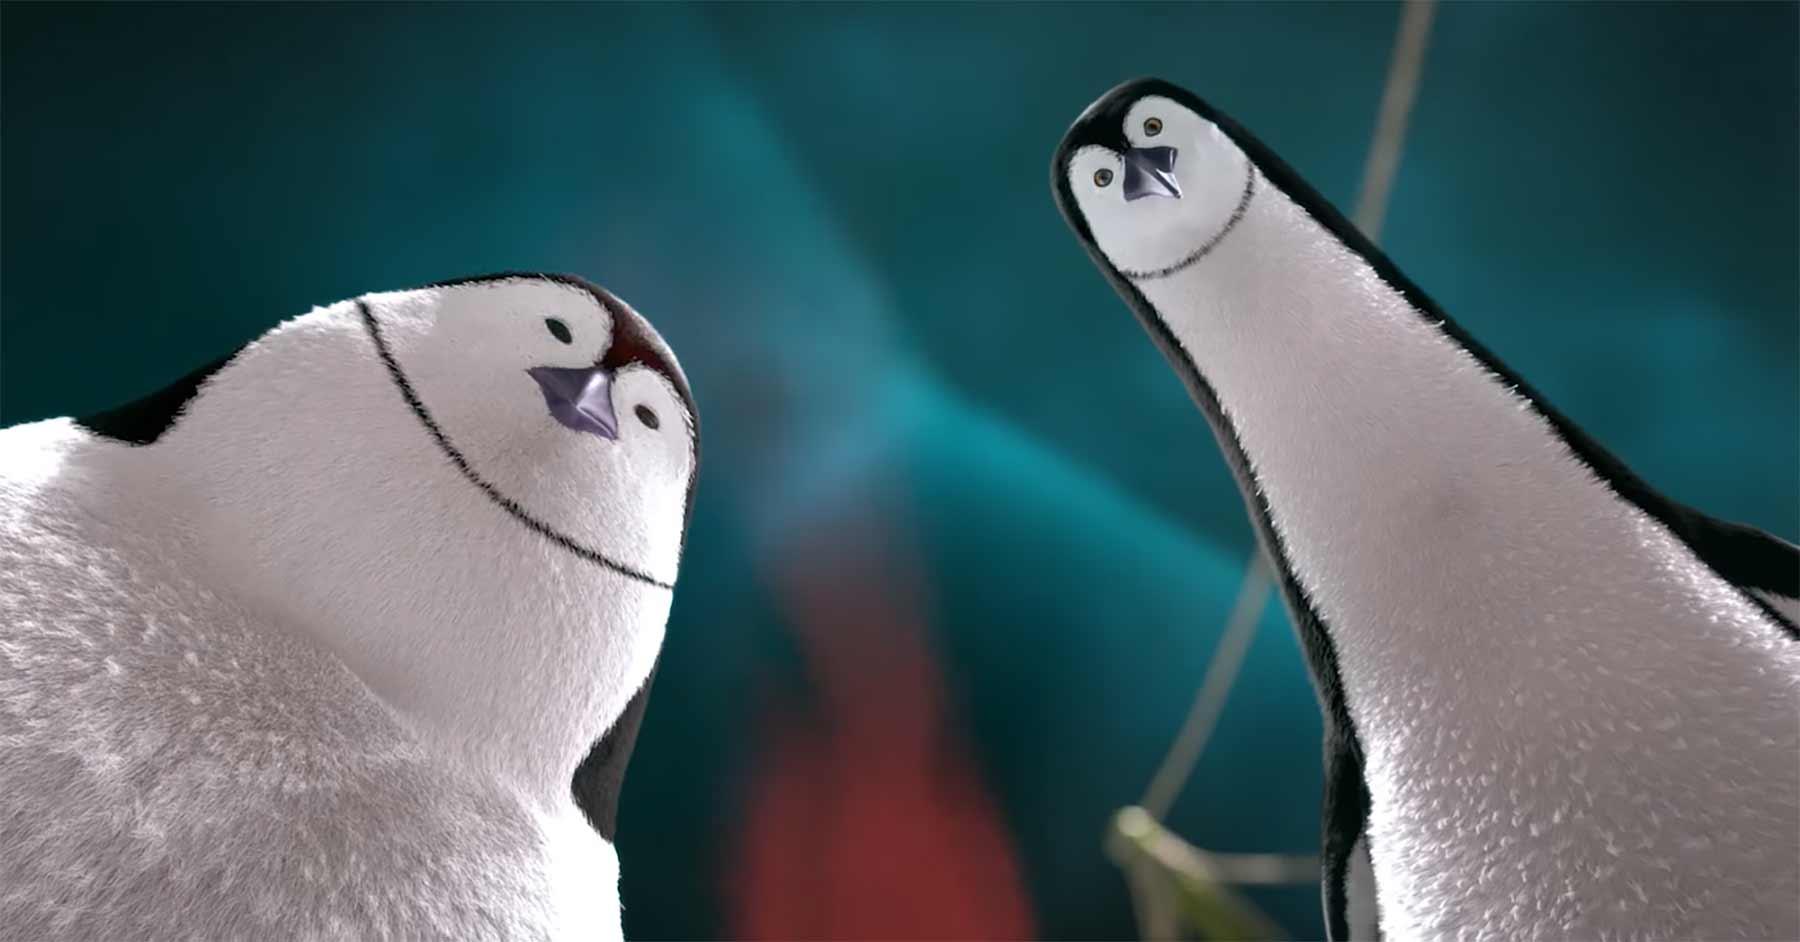 Pinguine haben Chili-Schoten für sich entdeckt